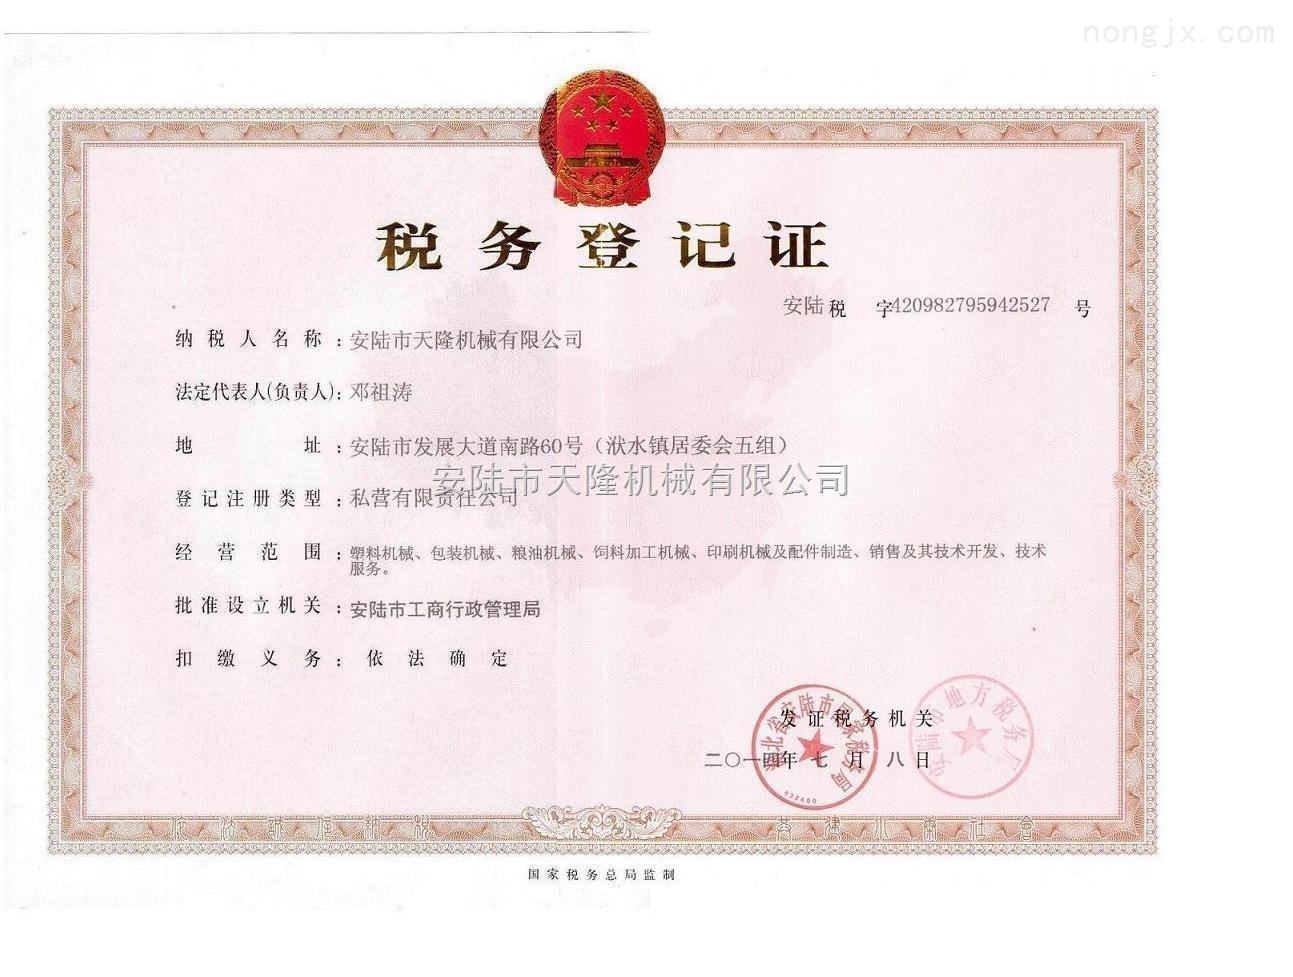 安陆市天隆机械有限公司税务登记证